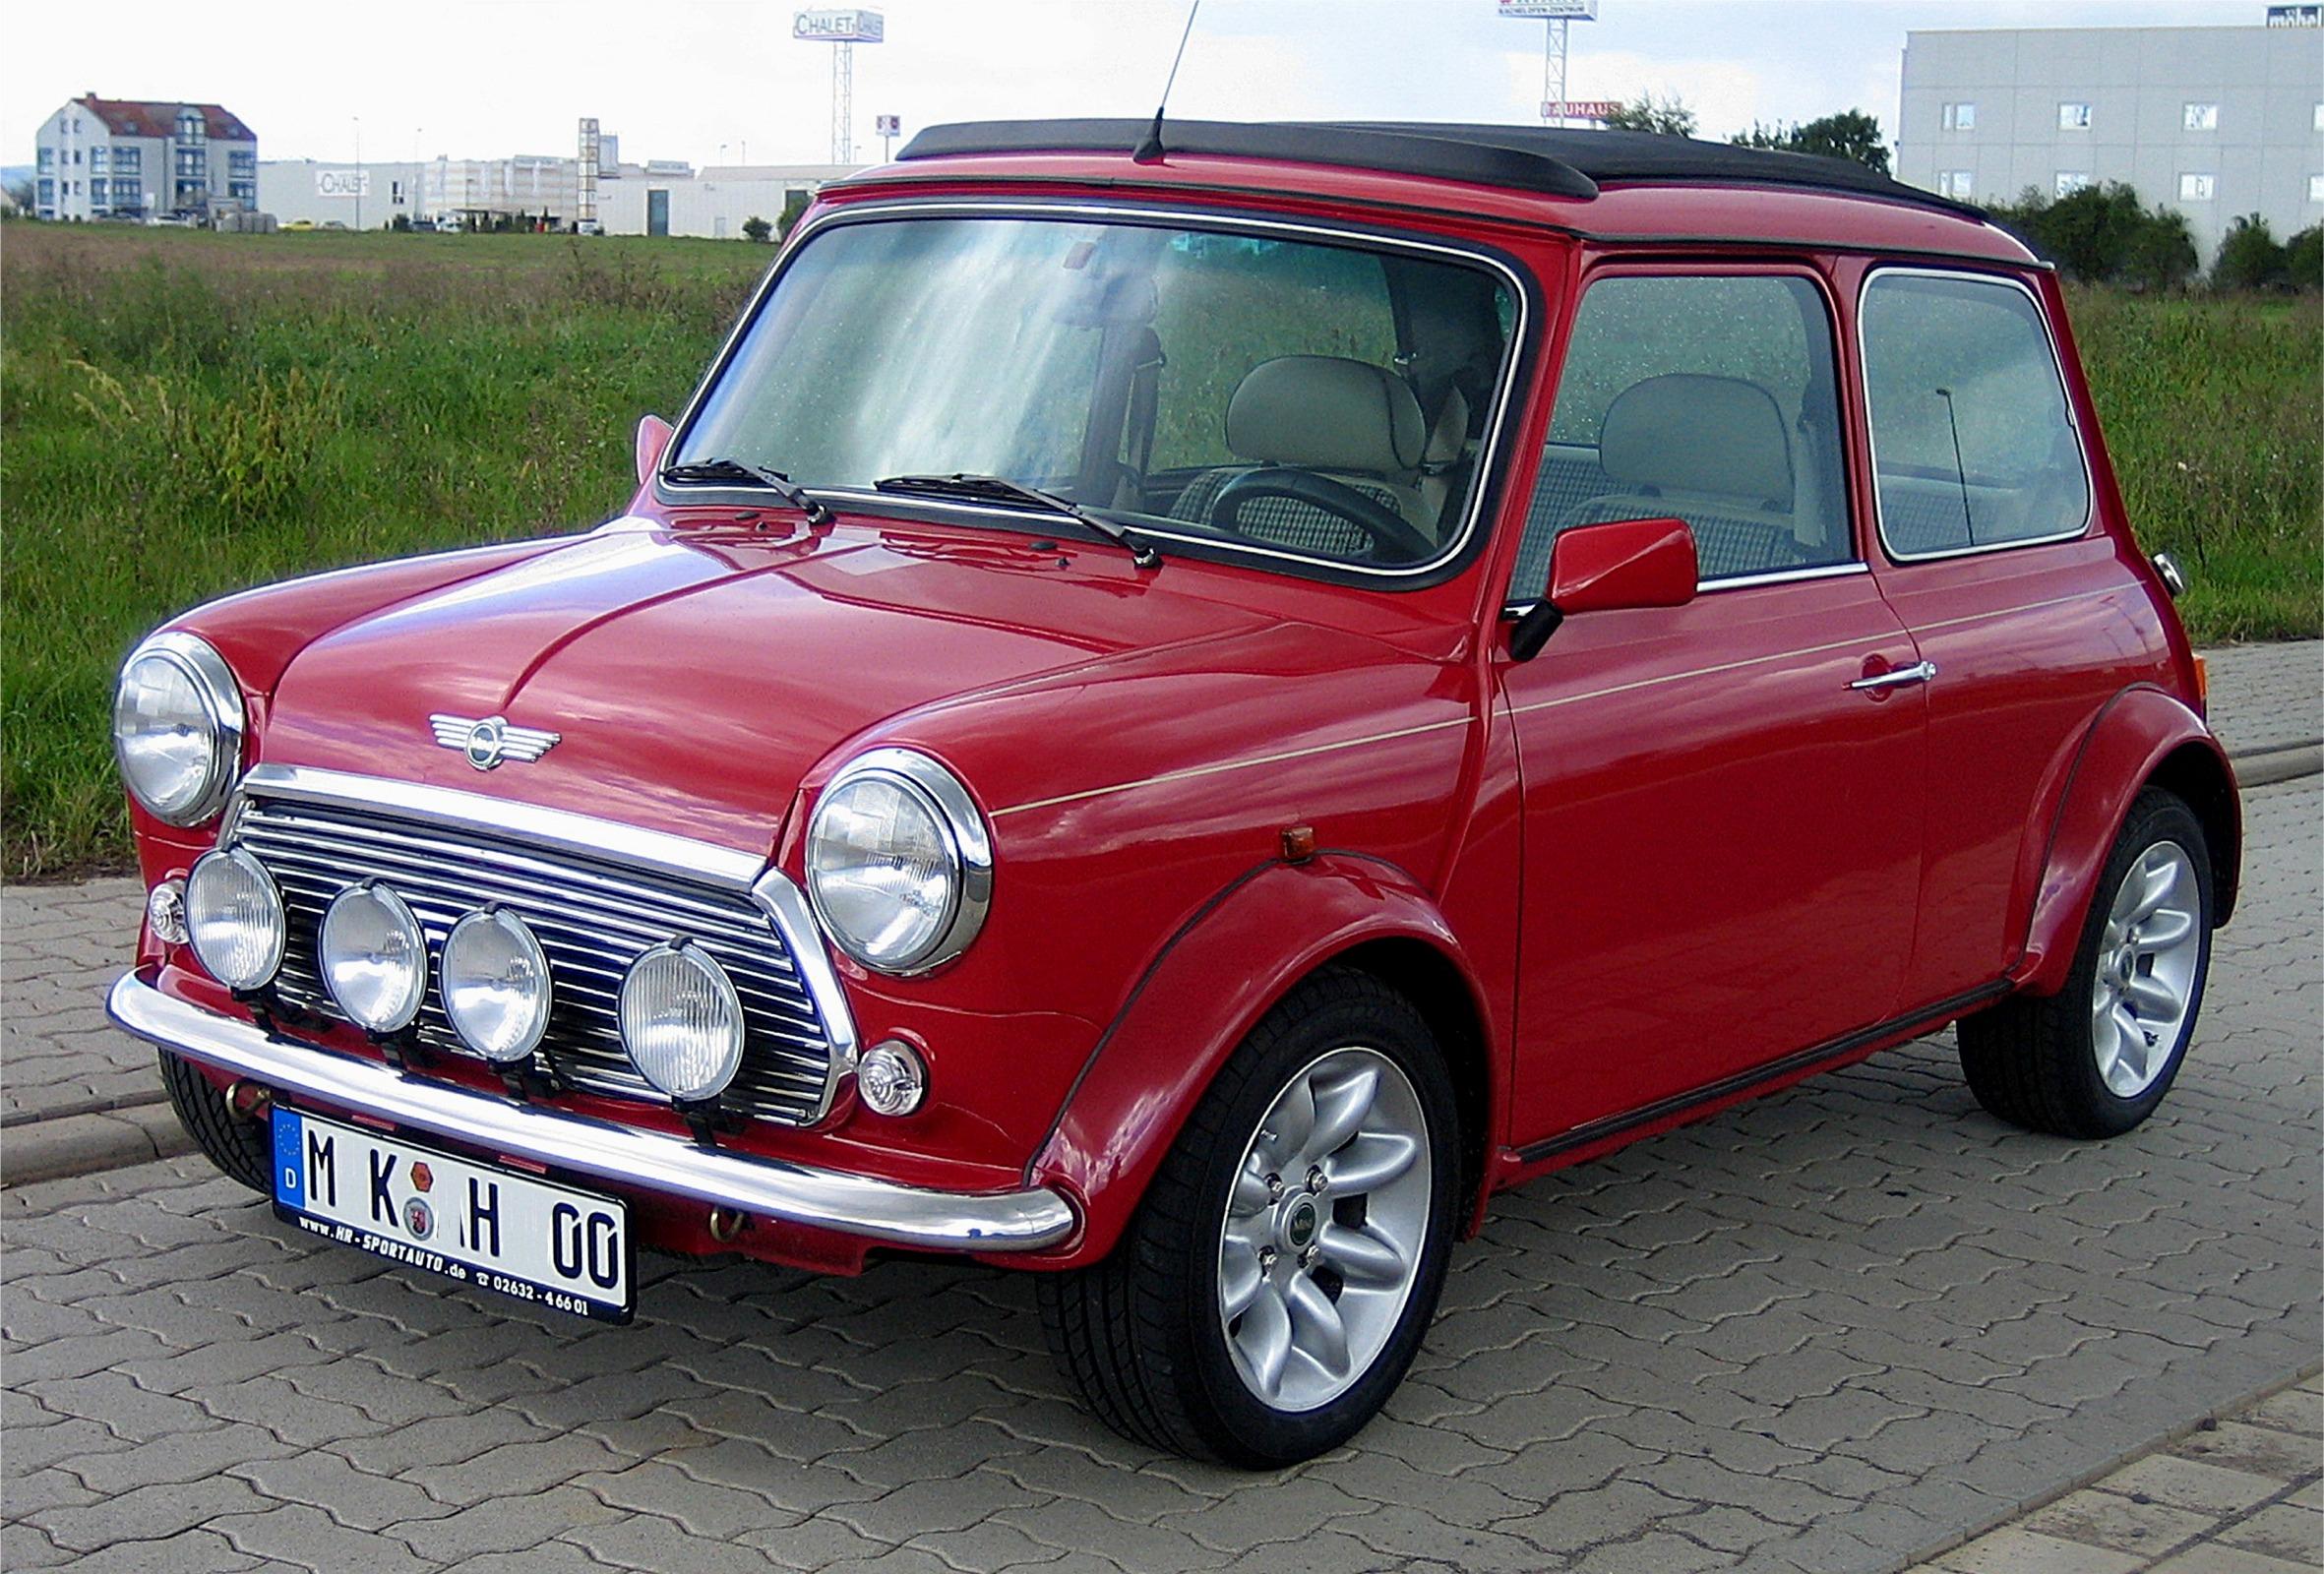 Austin Mini, Baujahr 2000 - 2005-09-17.jpg